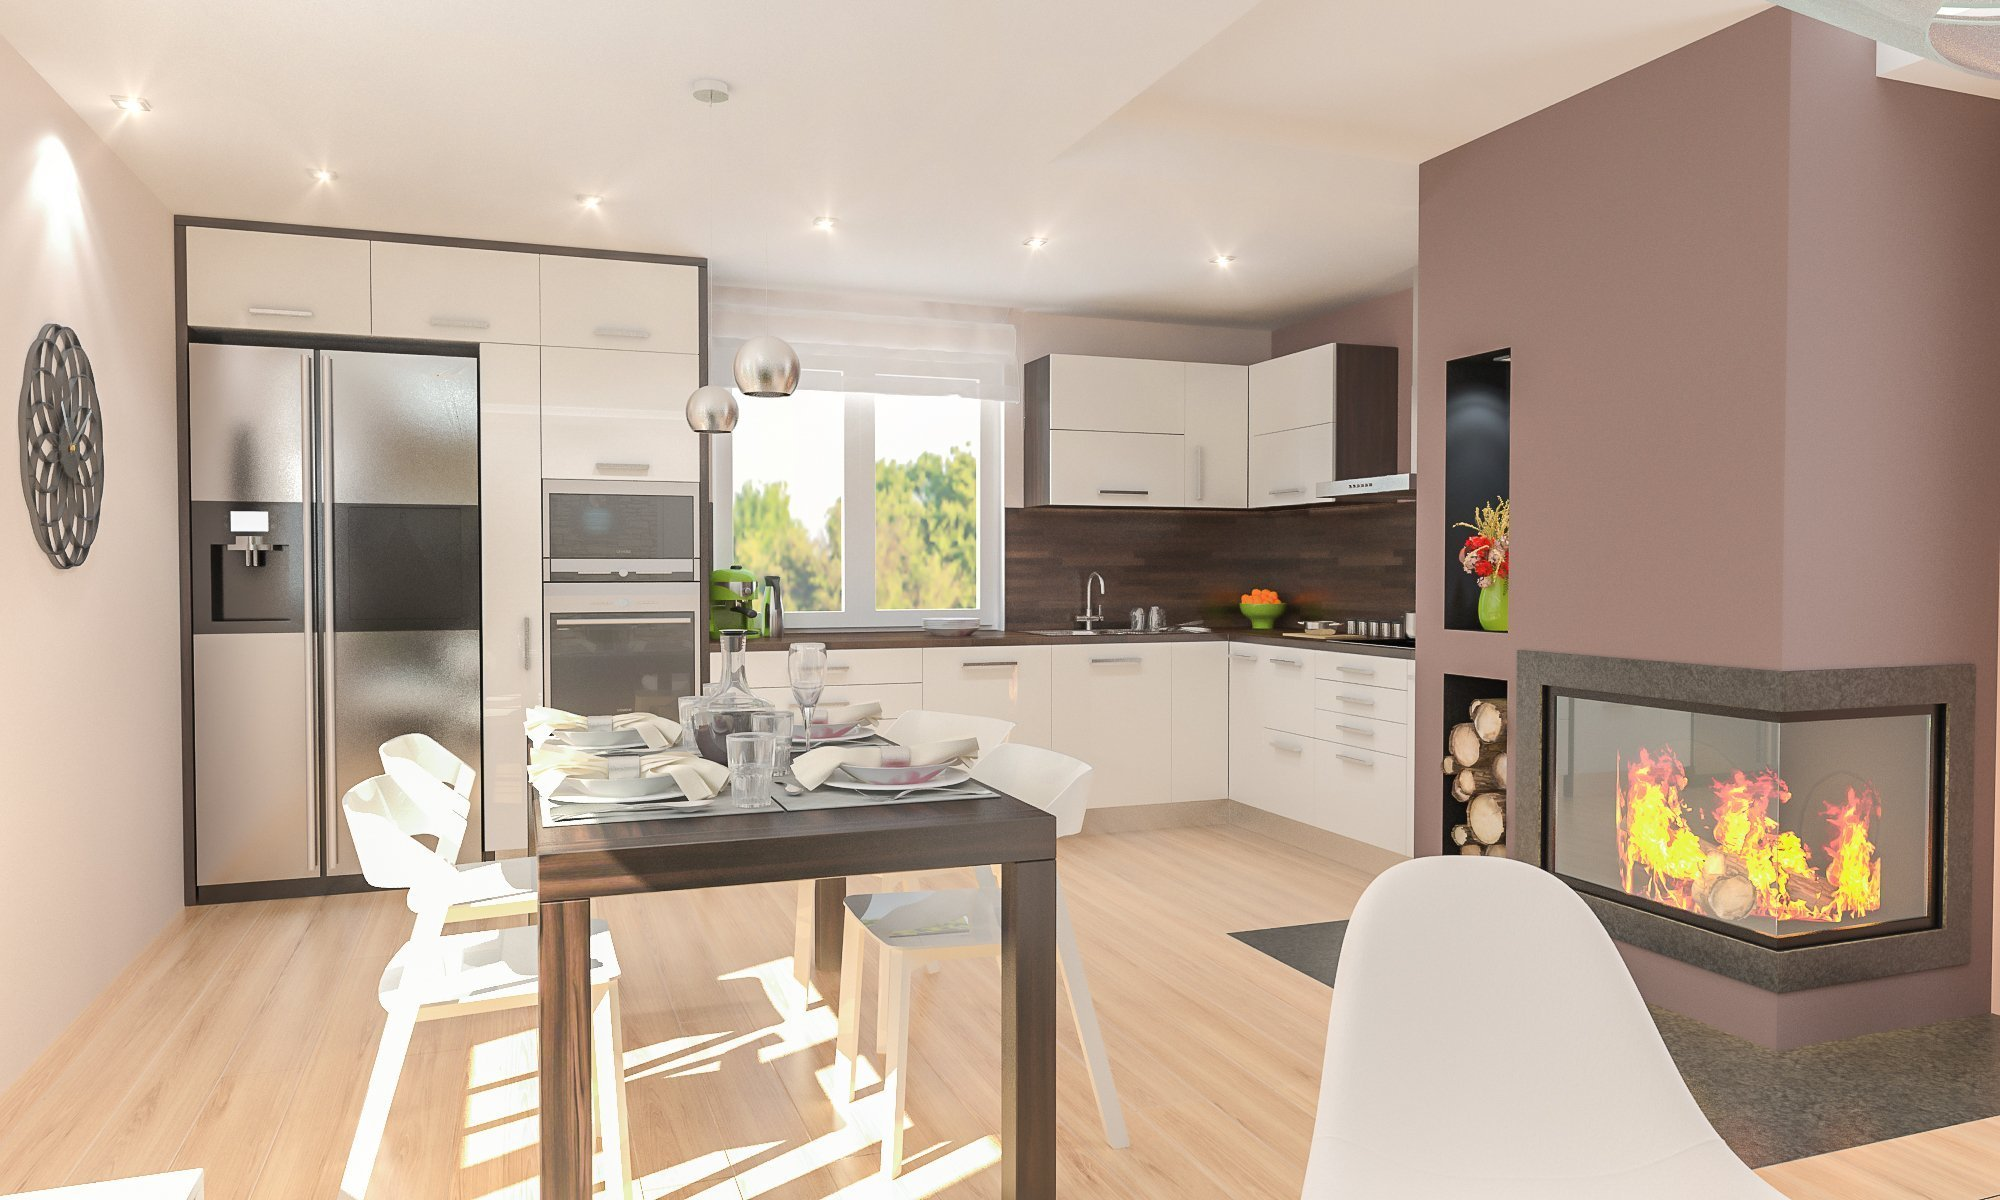 Obývací pokoj s krbem, kameným obkladem a prostornou kuchyní.